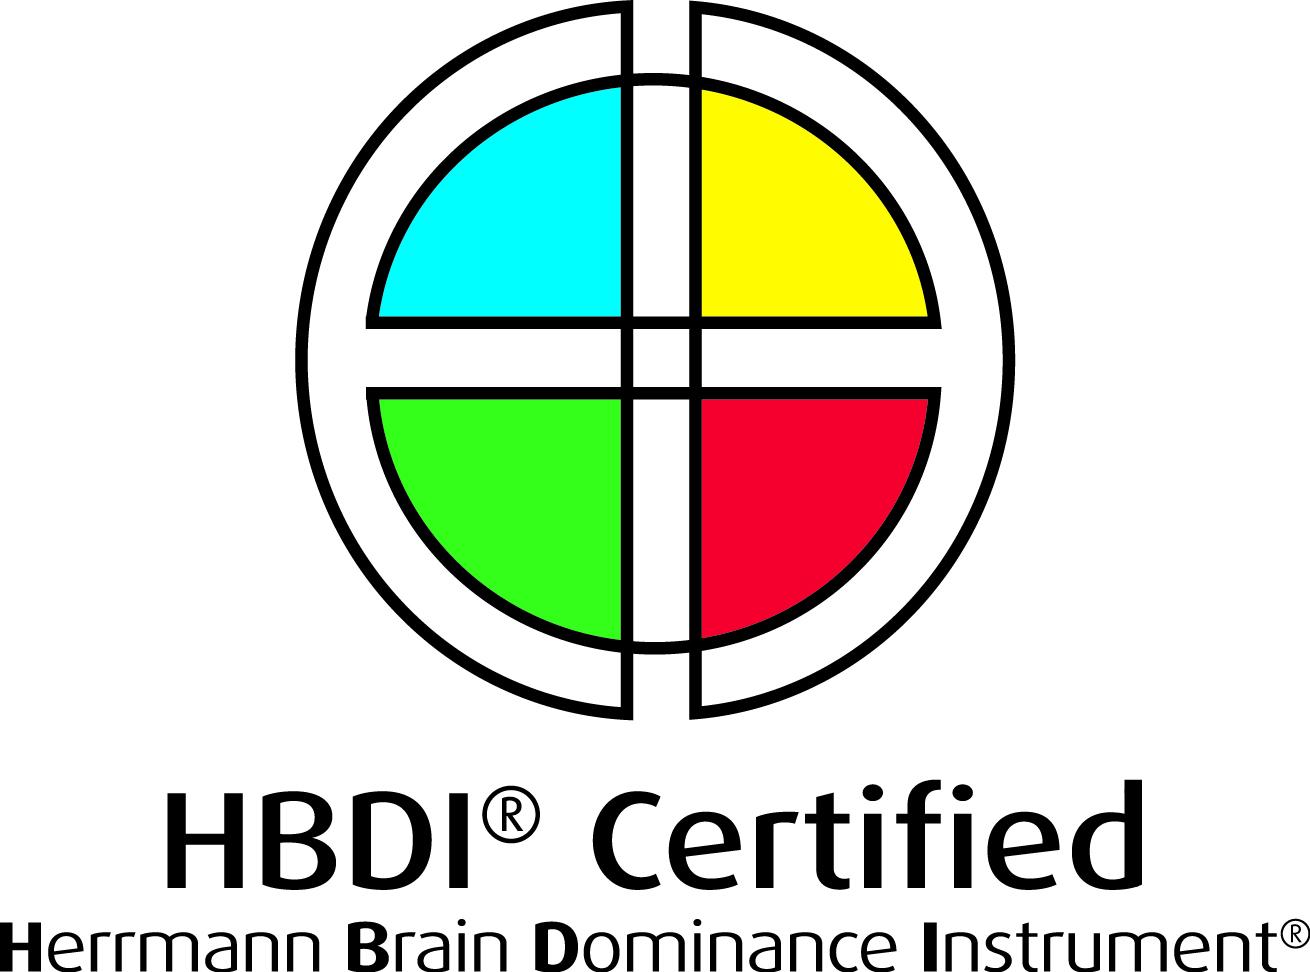 HBDICertifiedLogo